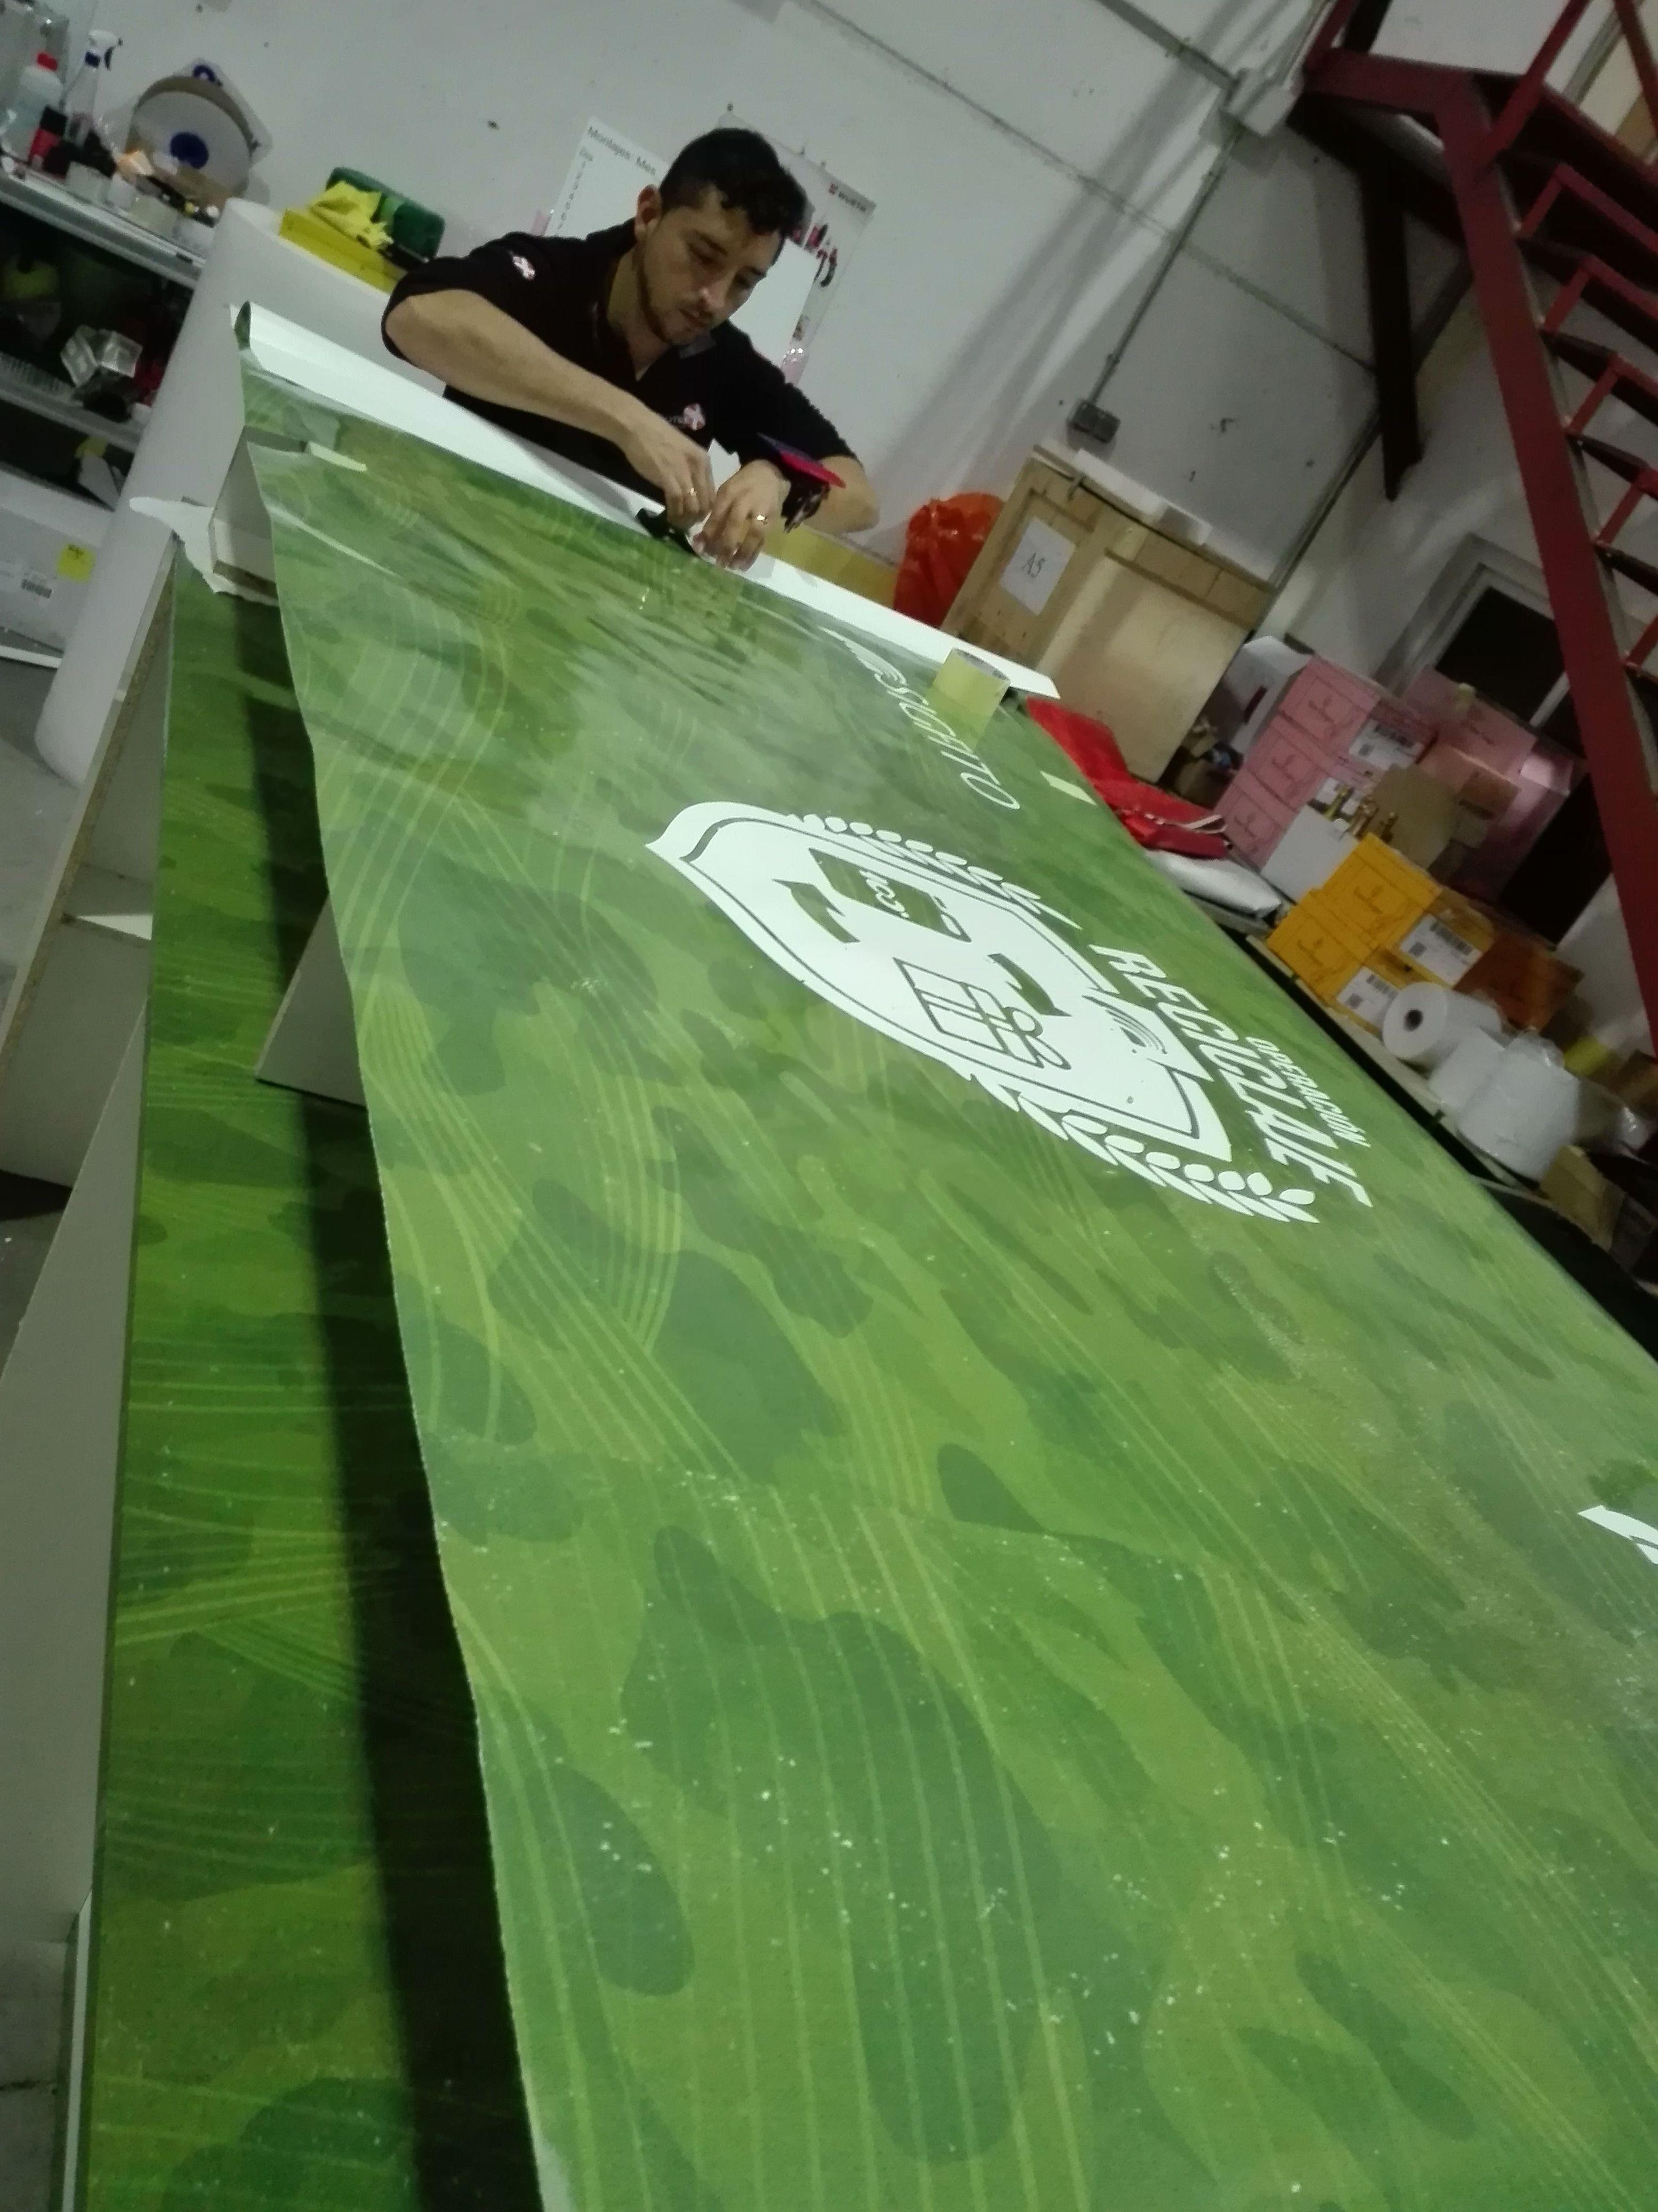 Fabricación y montaje para el stand de la empresa de reciclaje sigfito que está llevando a cabo su evento en Ifema Madrid.